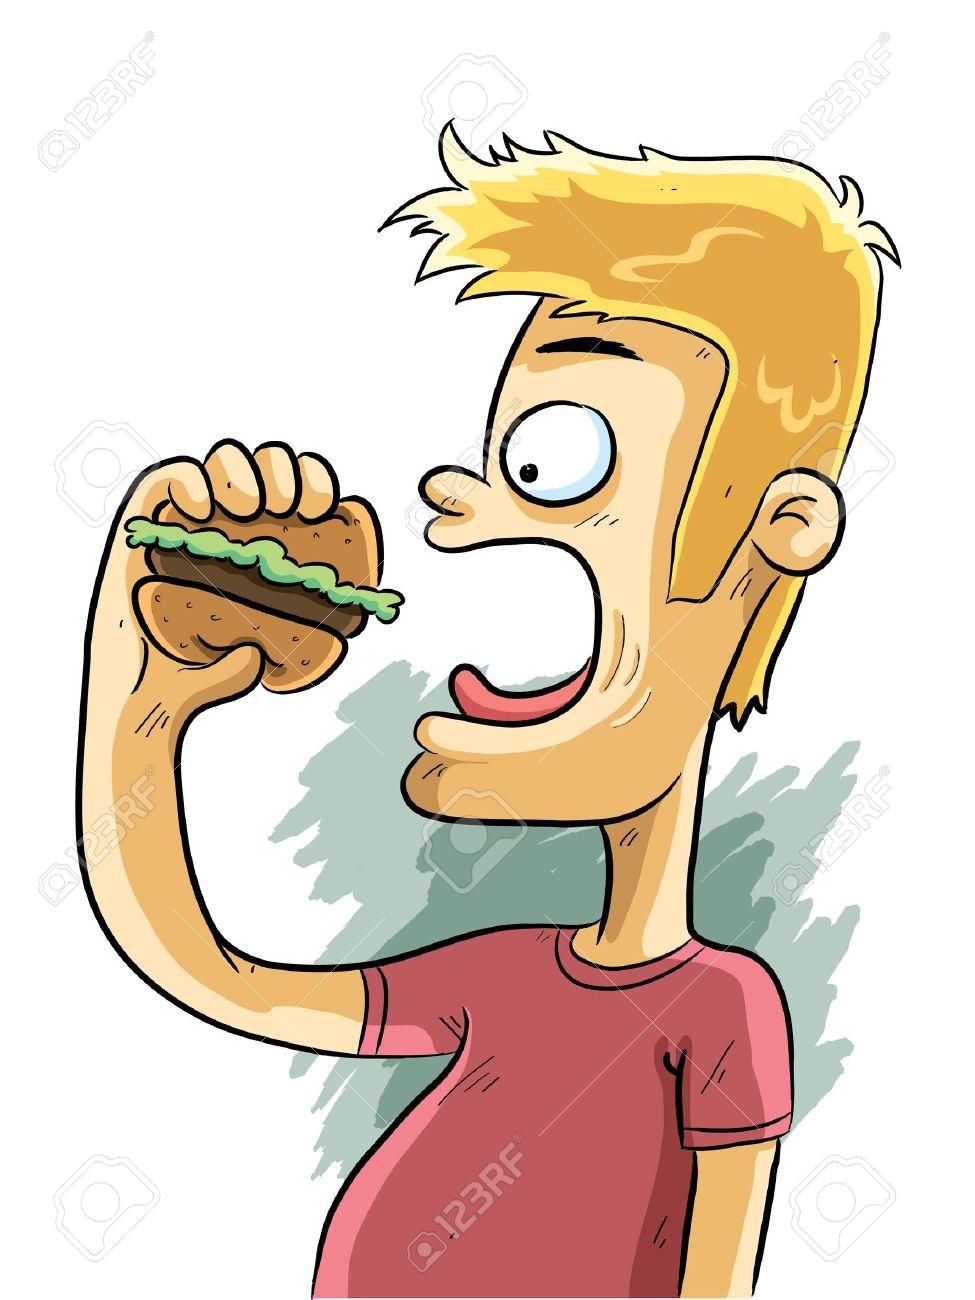 975x1300 Man Eating Burger Royalty Free Cliparts, Vectors, And Stock